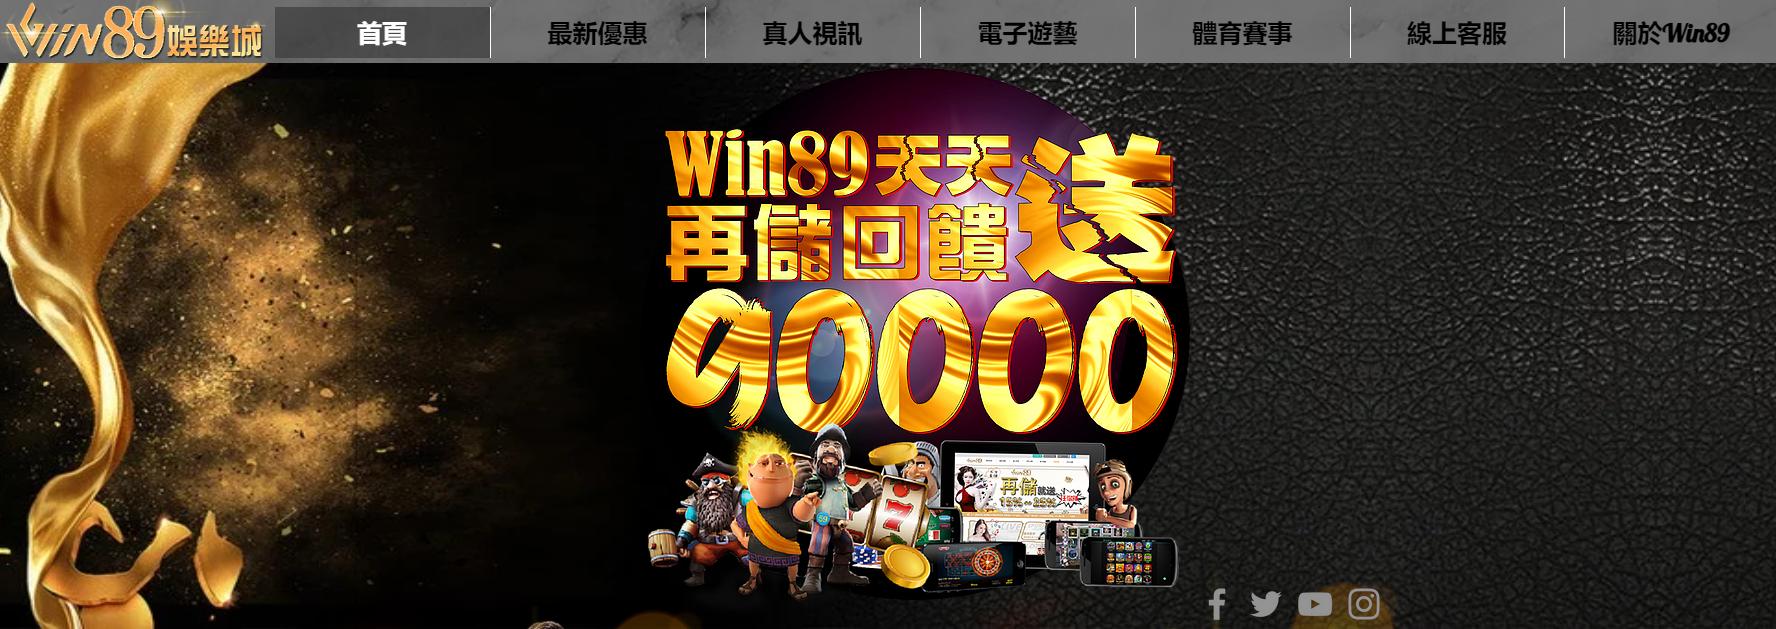 WIN89娛樂城 再存送90000 ?